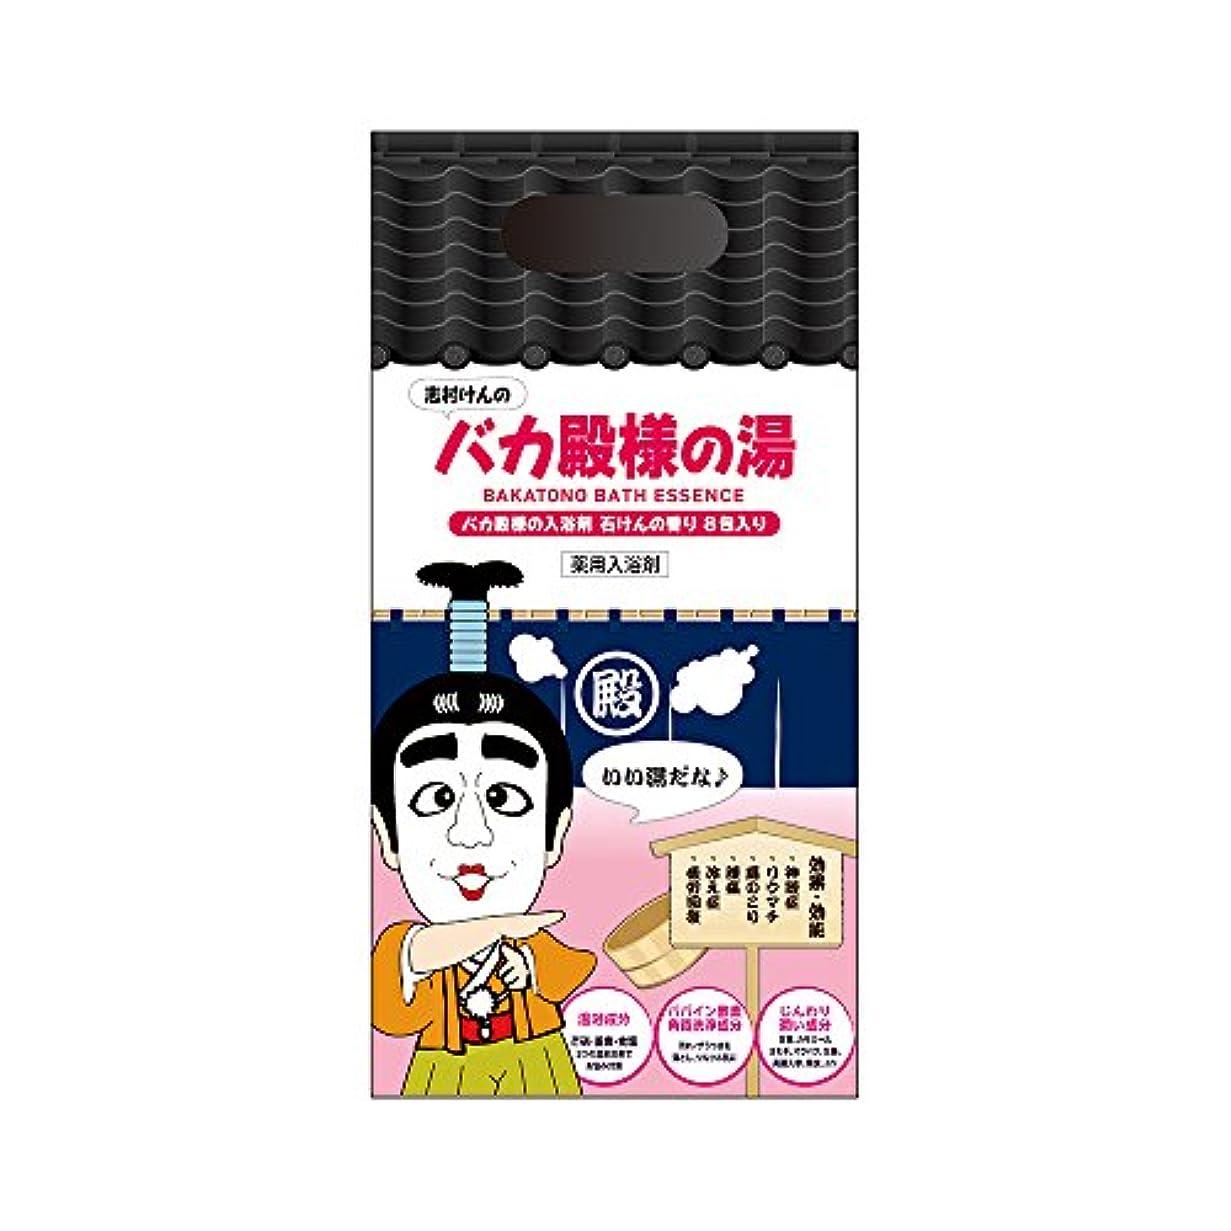 テレビ平等視聴者志村けんのバカ殿様の湯 バカ殿様の入浴剤 石けんの香り (25g × 8包入り)